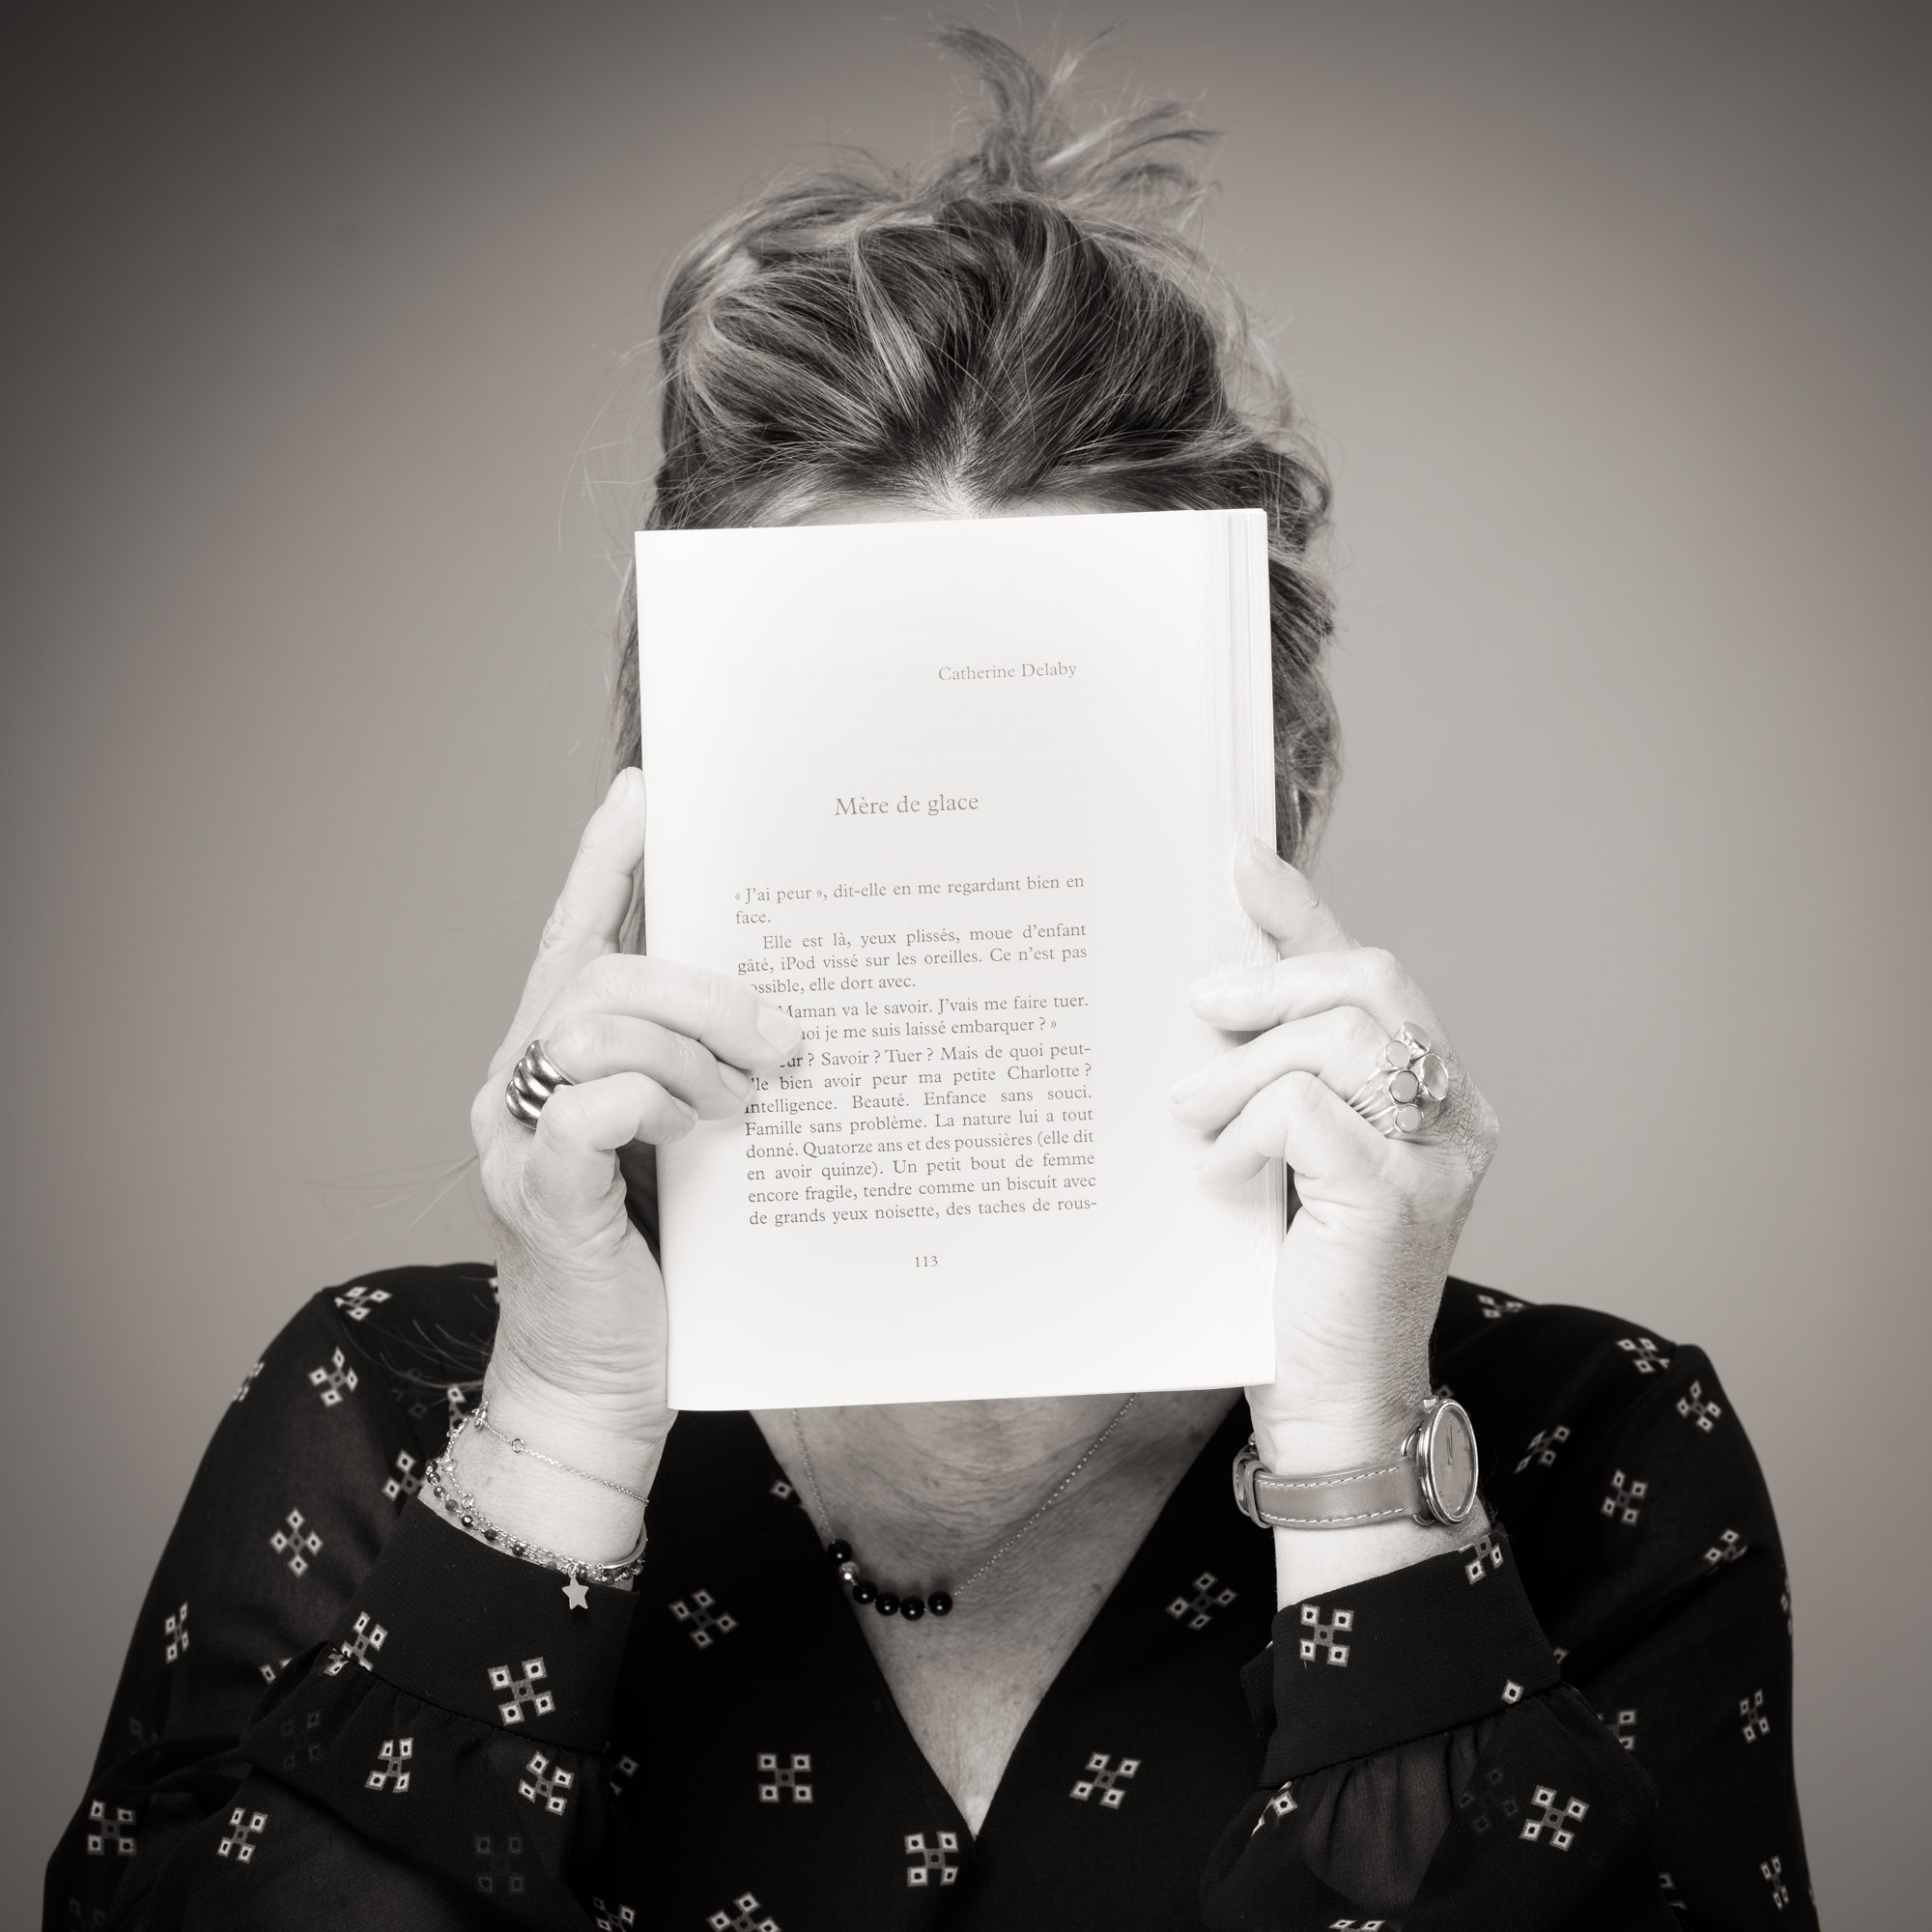 Catherine Delaby se cachant le visage avec un livre